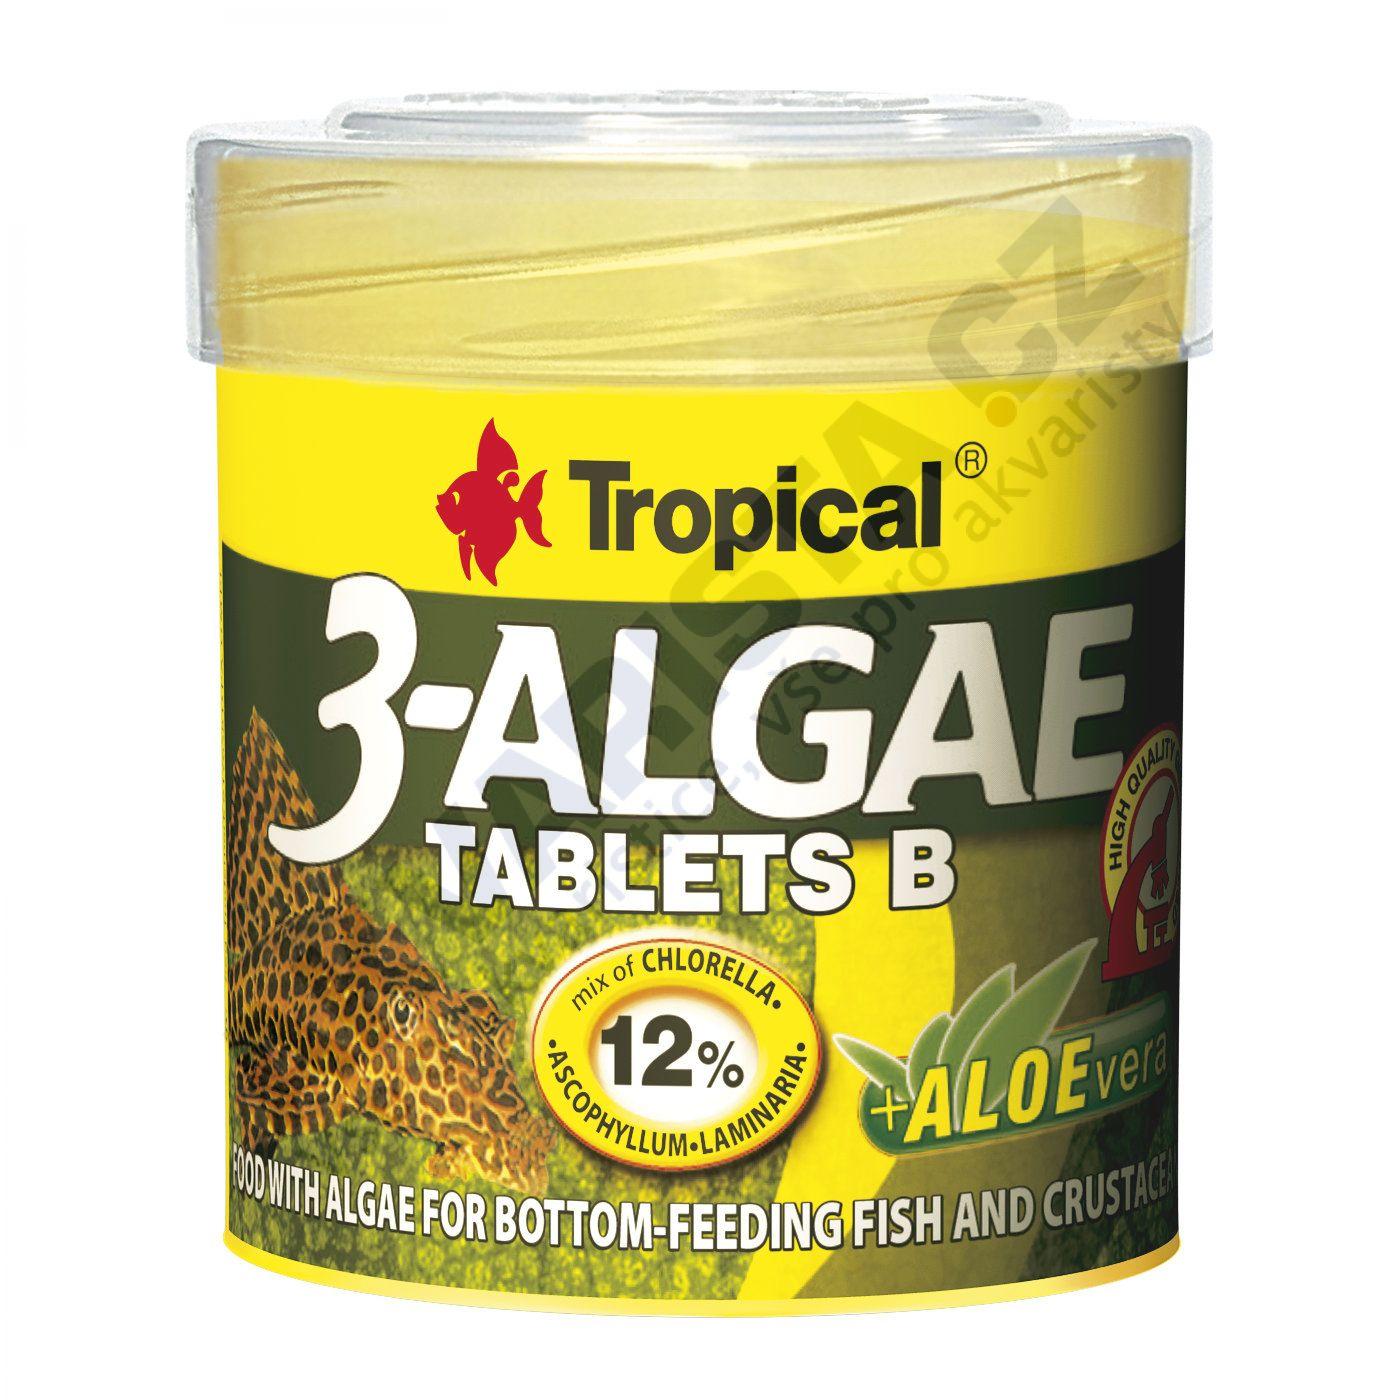 Tropical 3-algae tablets B (potápějící se tablety) 50 ml